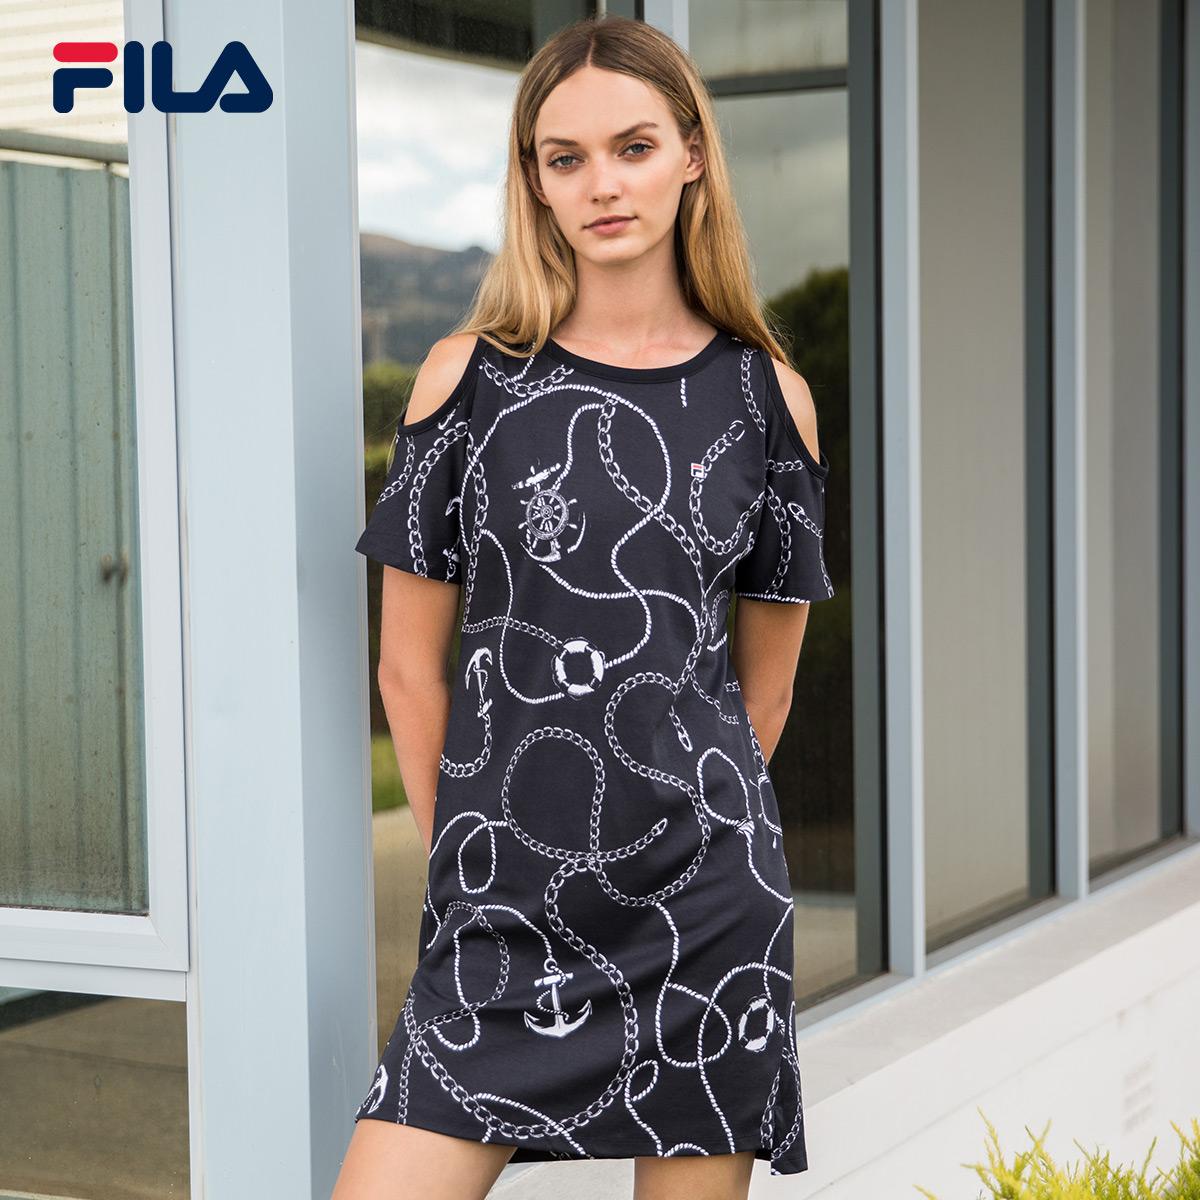 FILA Фила юбка 2018 лето новая коллекция для отдыха Спортивное плечо для спортивного плеча